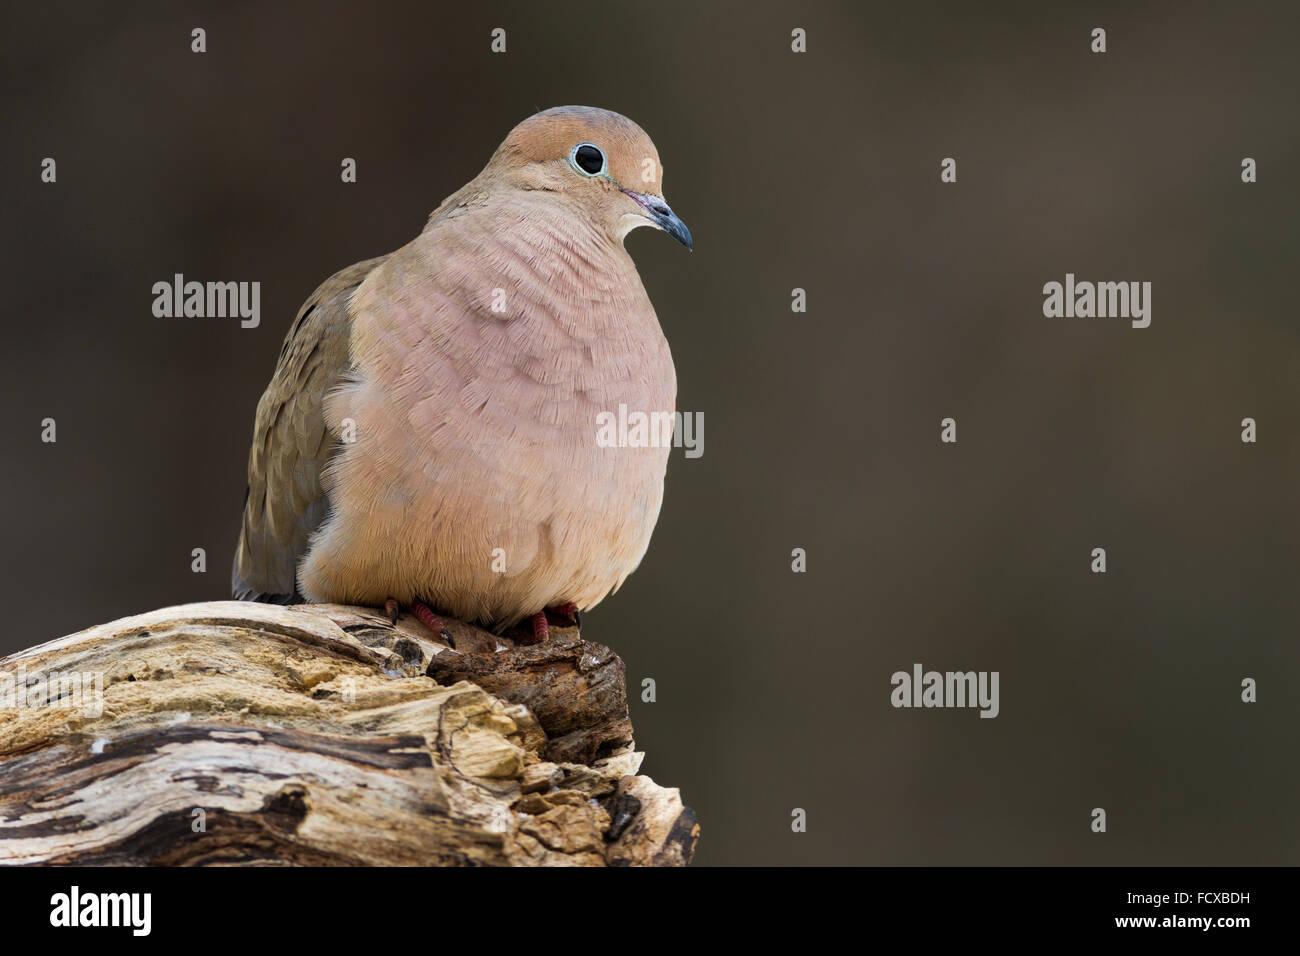 Une tourterelle triste perché sur un journal Photo Stock